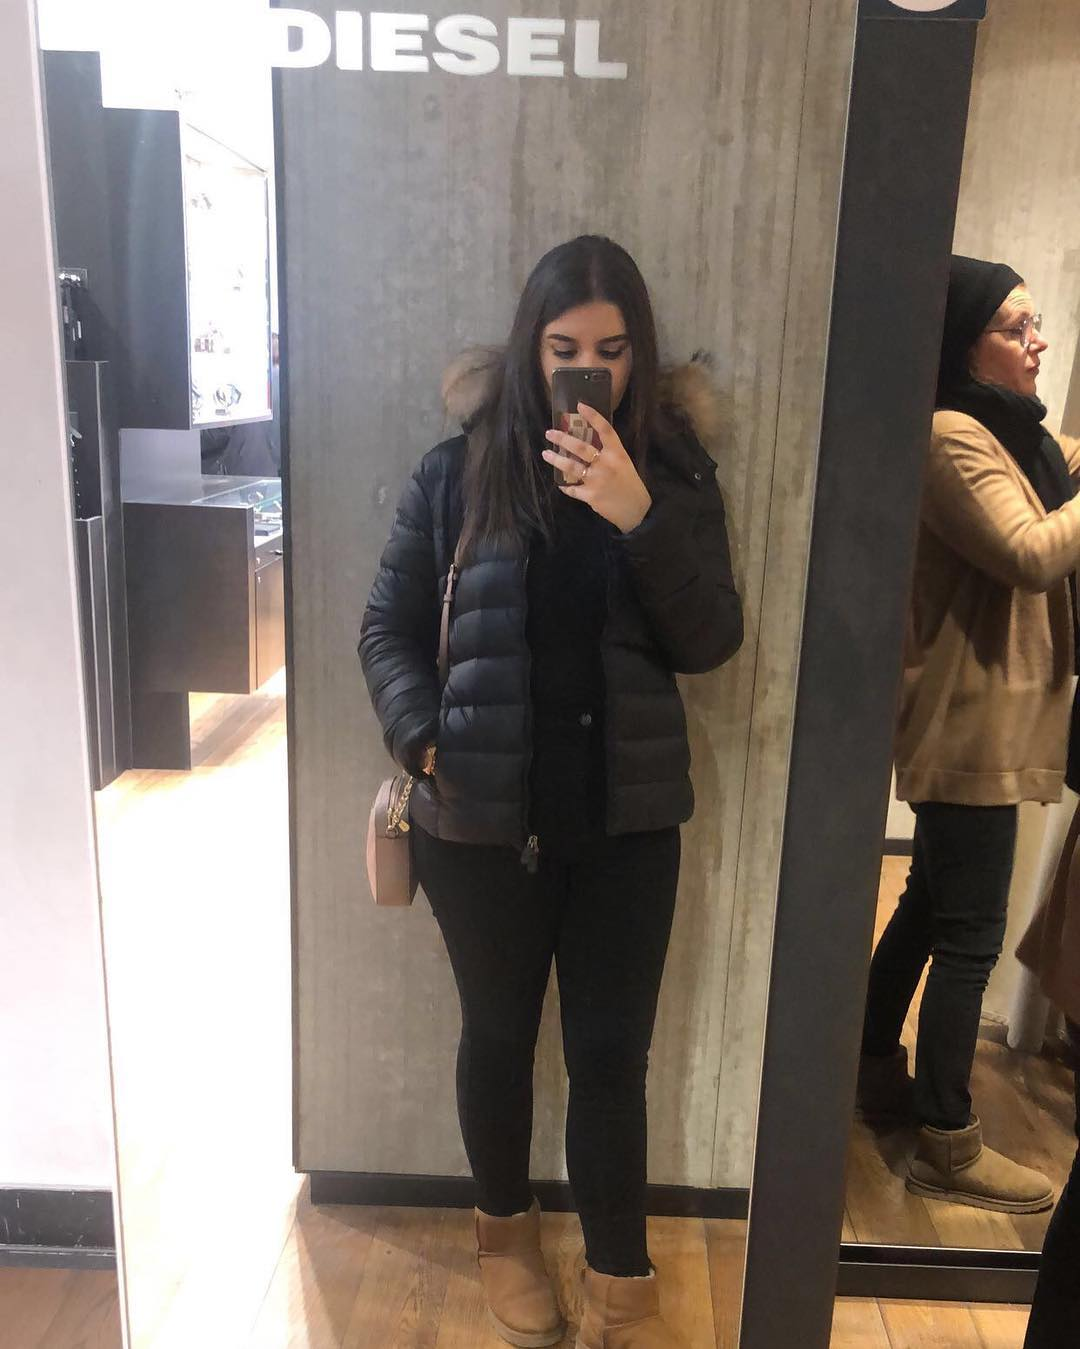 jott noire luxe de Les Bourgeoises sur sara_moussaouii